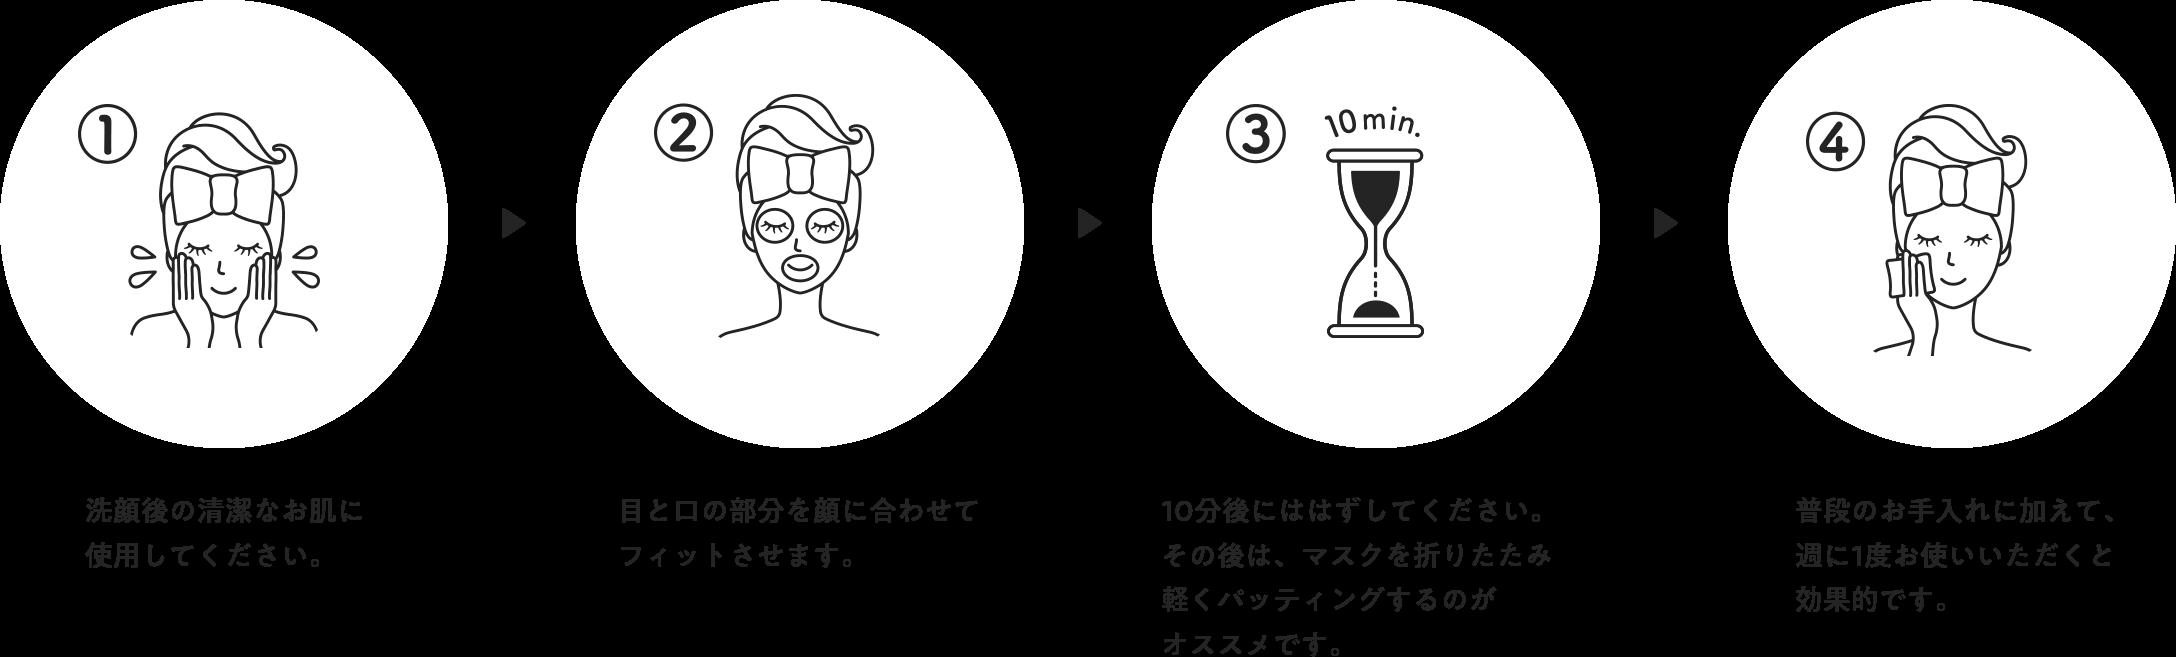 1.洗顔後の清潔なお肌に使用してください。 2.目と口の部分を顔に合わせてフィットさせます。 3.10分後にははずしてください。その後は、マスクを折りたたみ軽くパッティングするのがオススメです。 4.普段のお手入れに加えて、週に1度お使いいただくと効果的です。